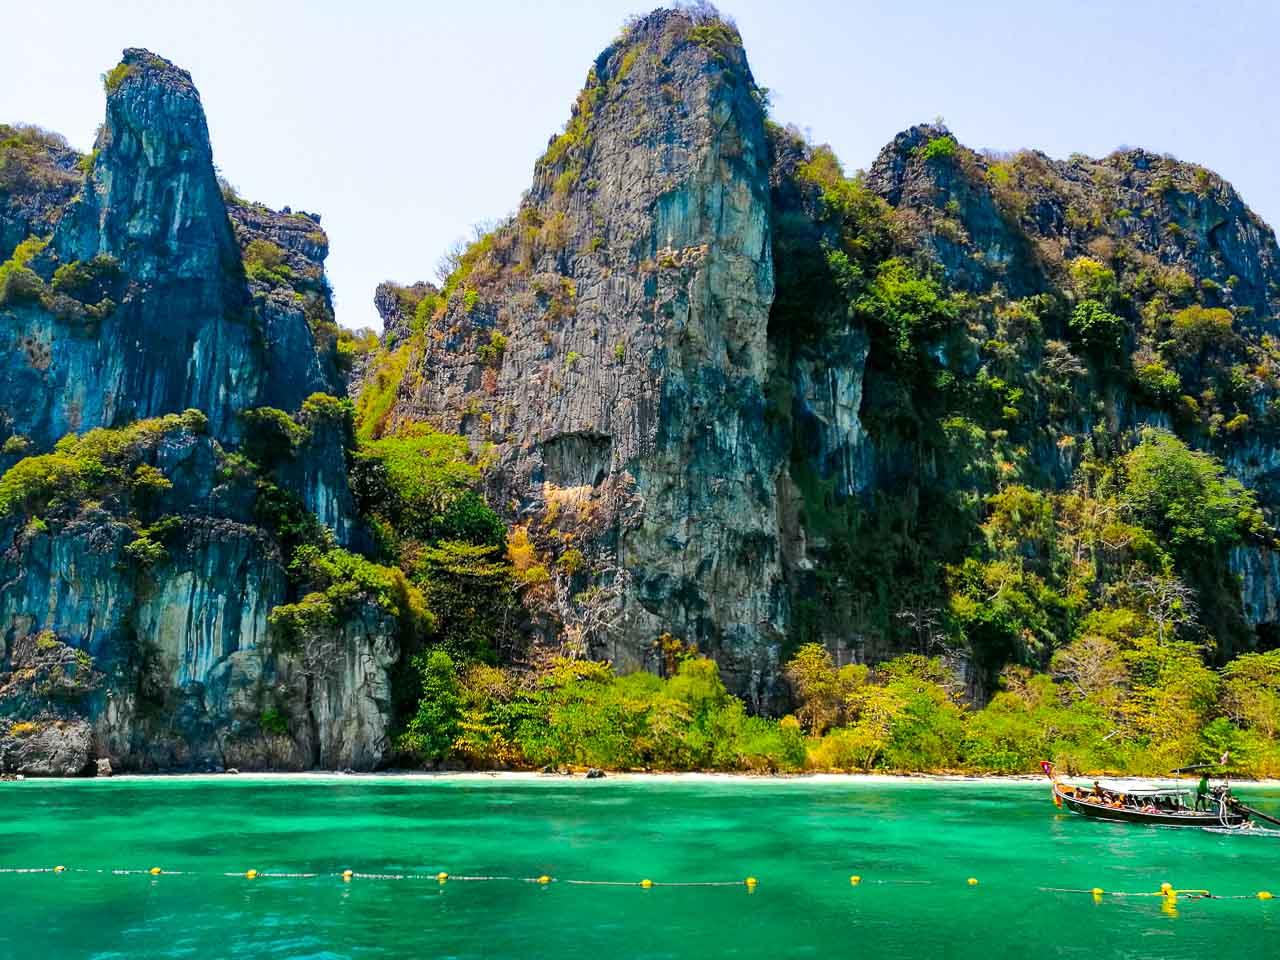 Mosquito Island, a ilha que está fechada em Phi Phi Tailândia.